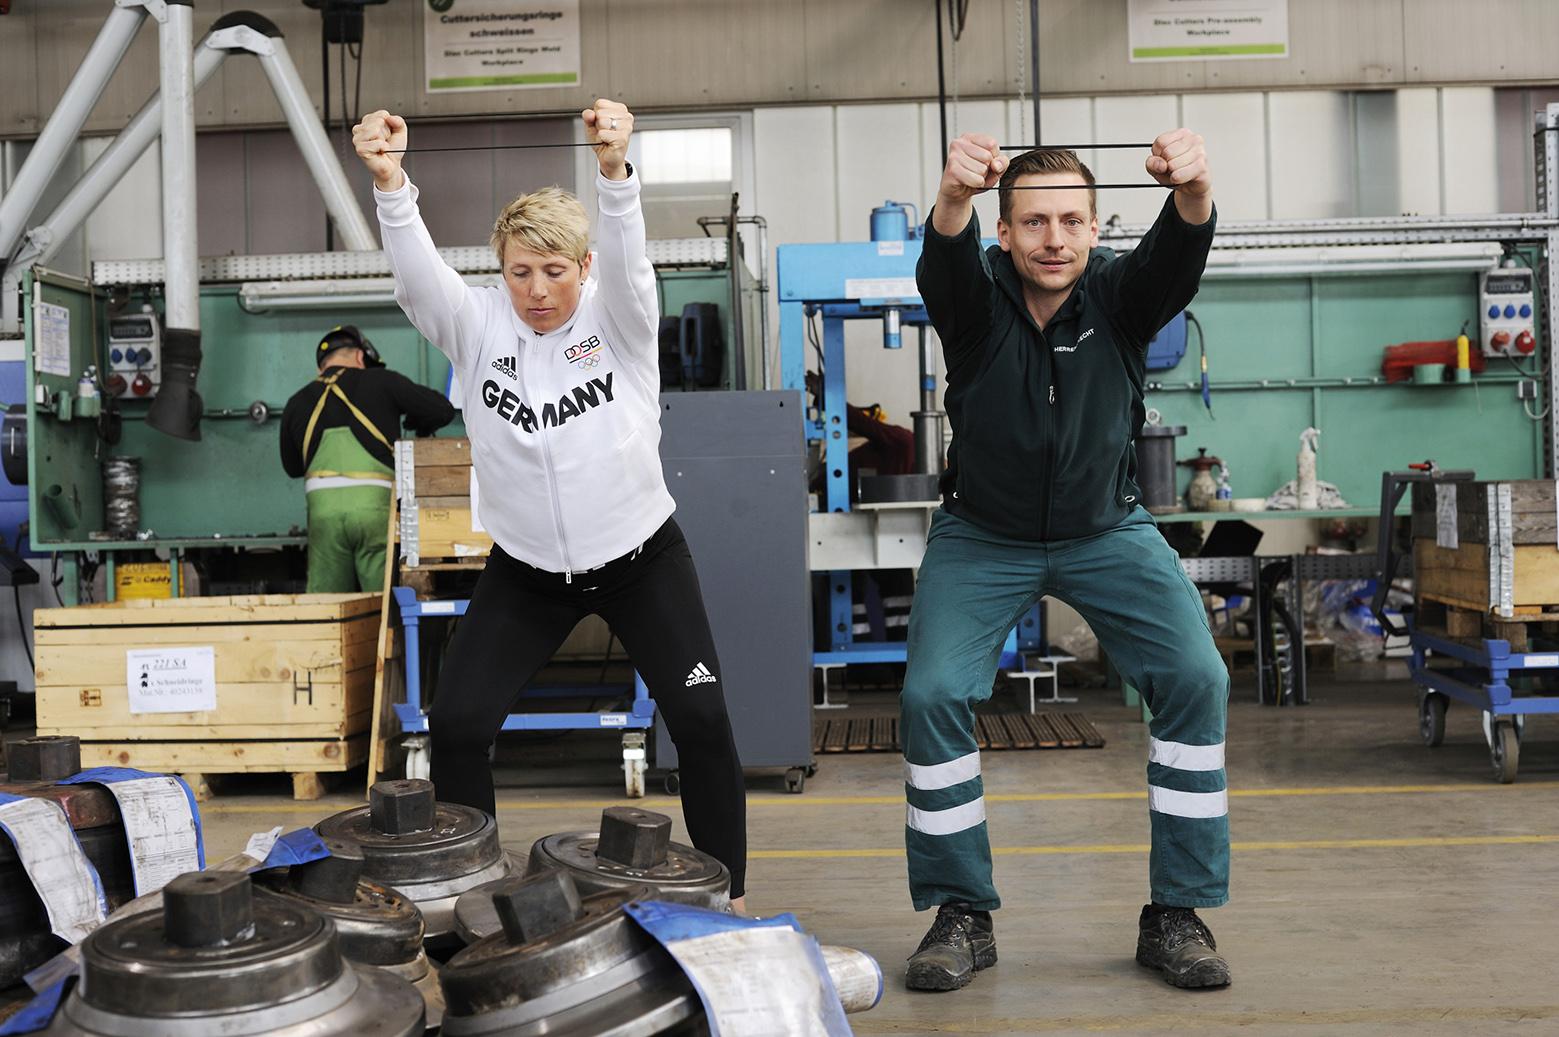 Fitnessübungen mit Speerwerferin Christina Obergföll